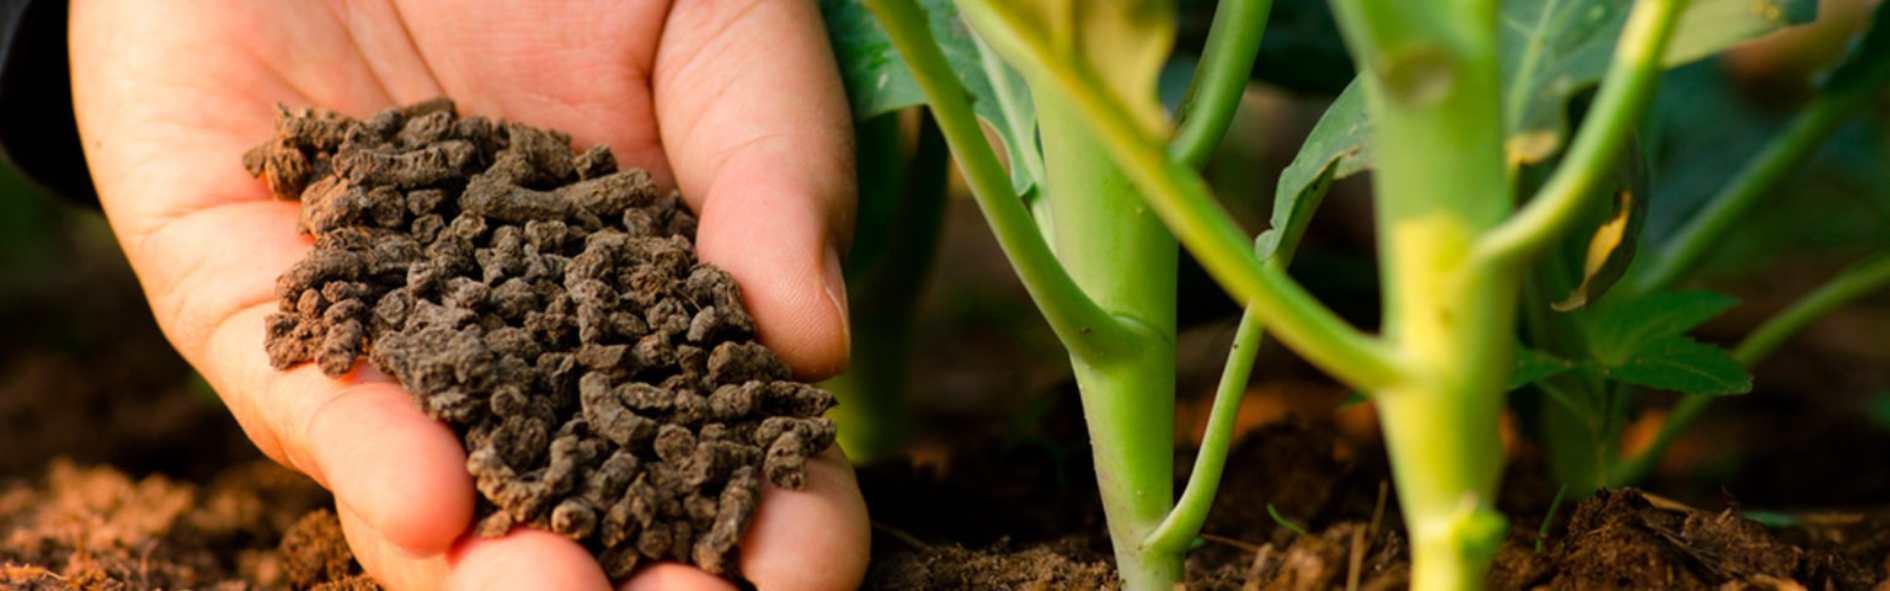 Conoce los abonos para plantas que hay y cuándo utilizarlos